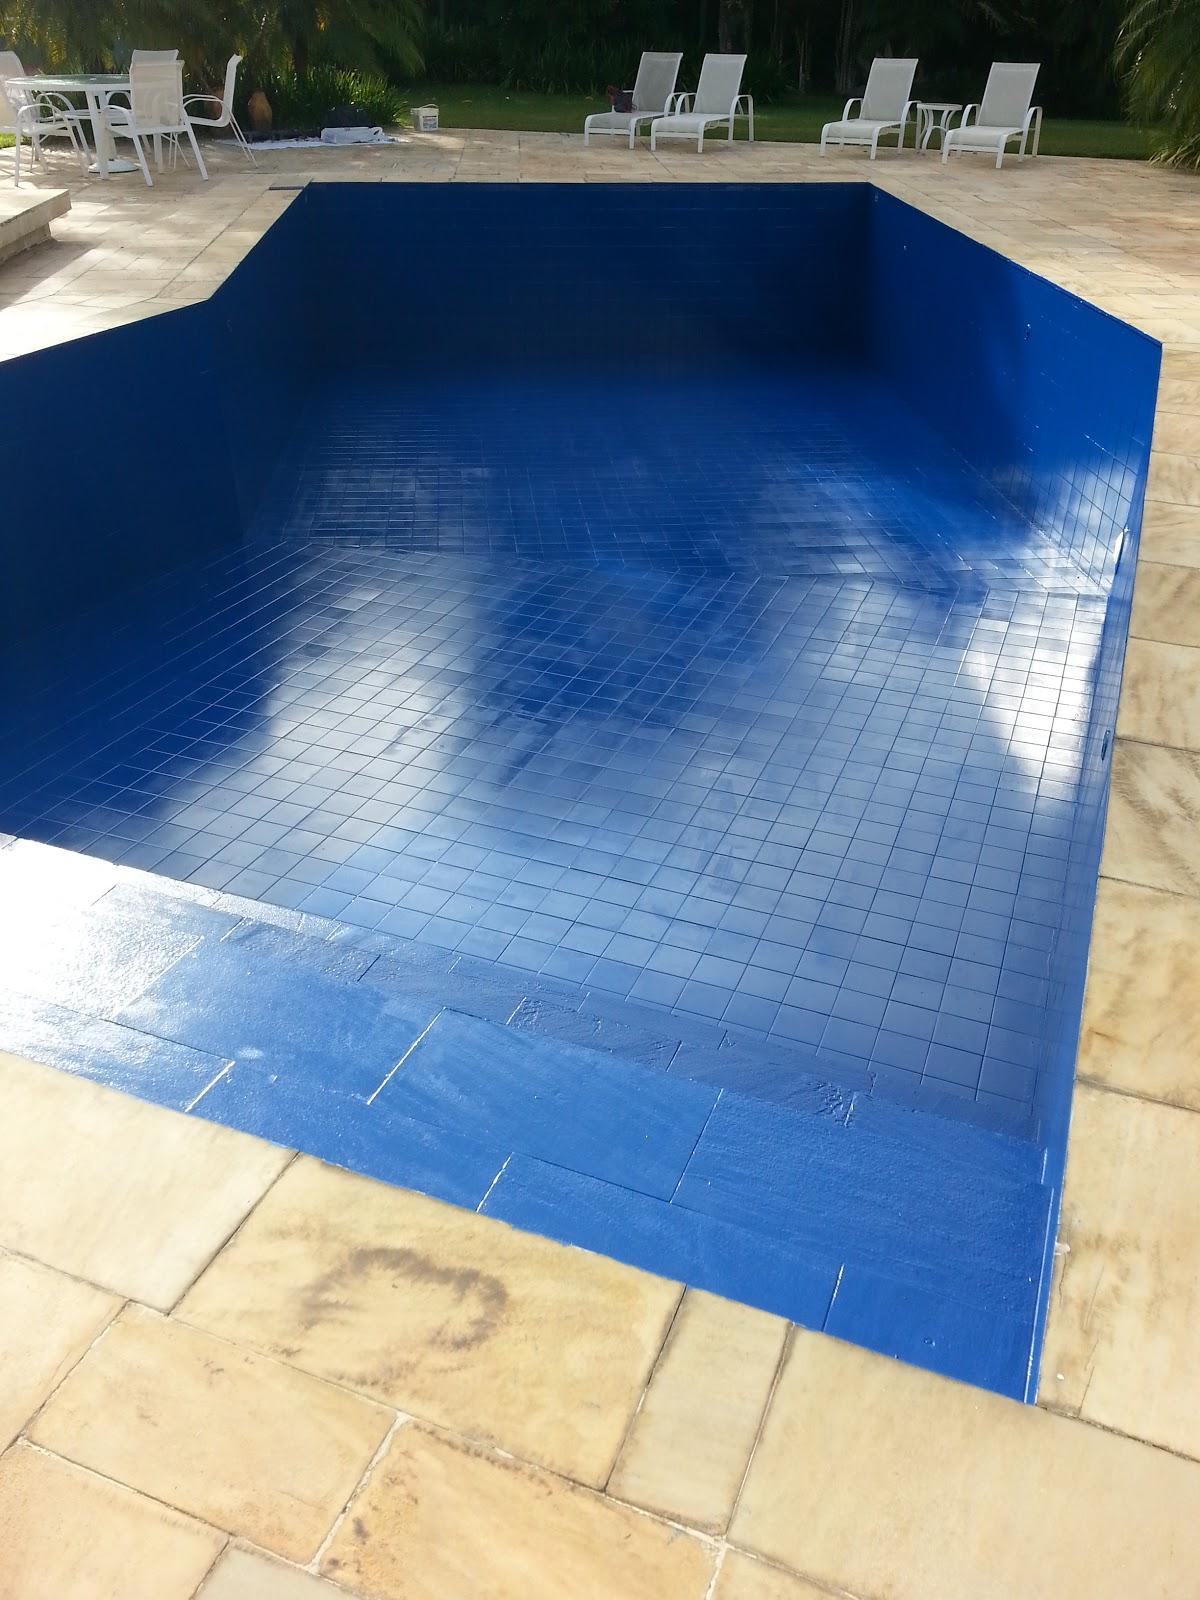 Pintura piscina tinta p u ou epoxi 05 anos de garantia - Pintura de piscina ...